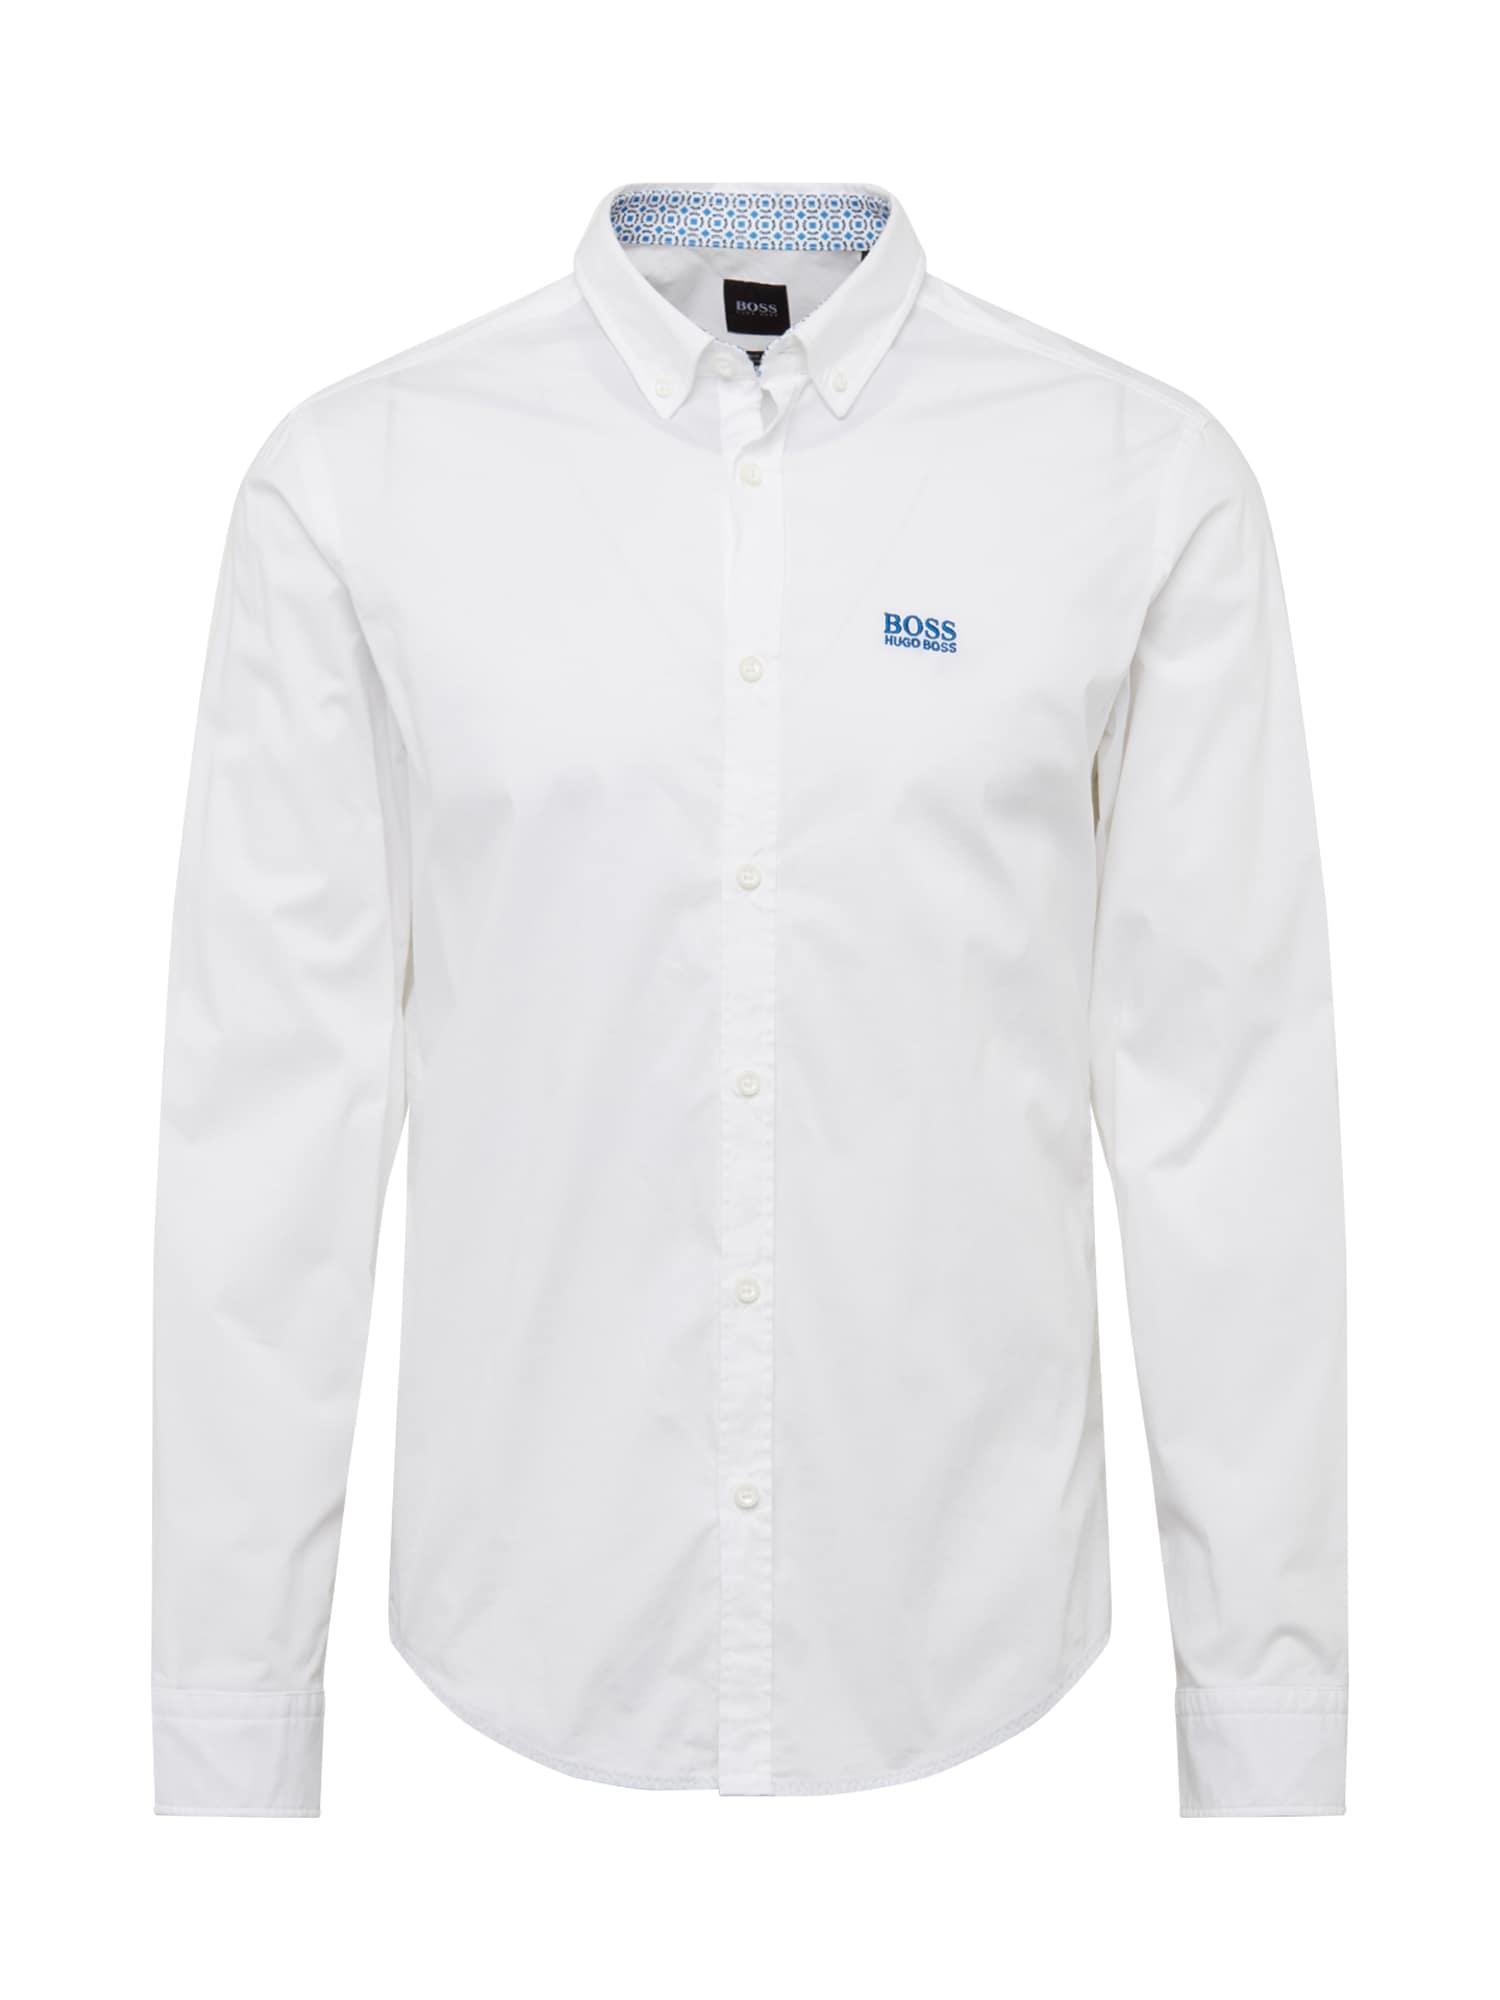 BOSS ATHLEISURE Dalykiniai marškiniai 'BIADO' balta